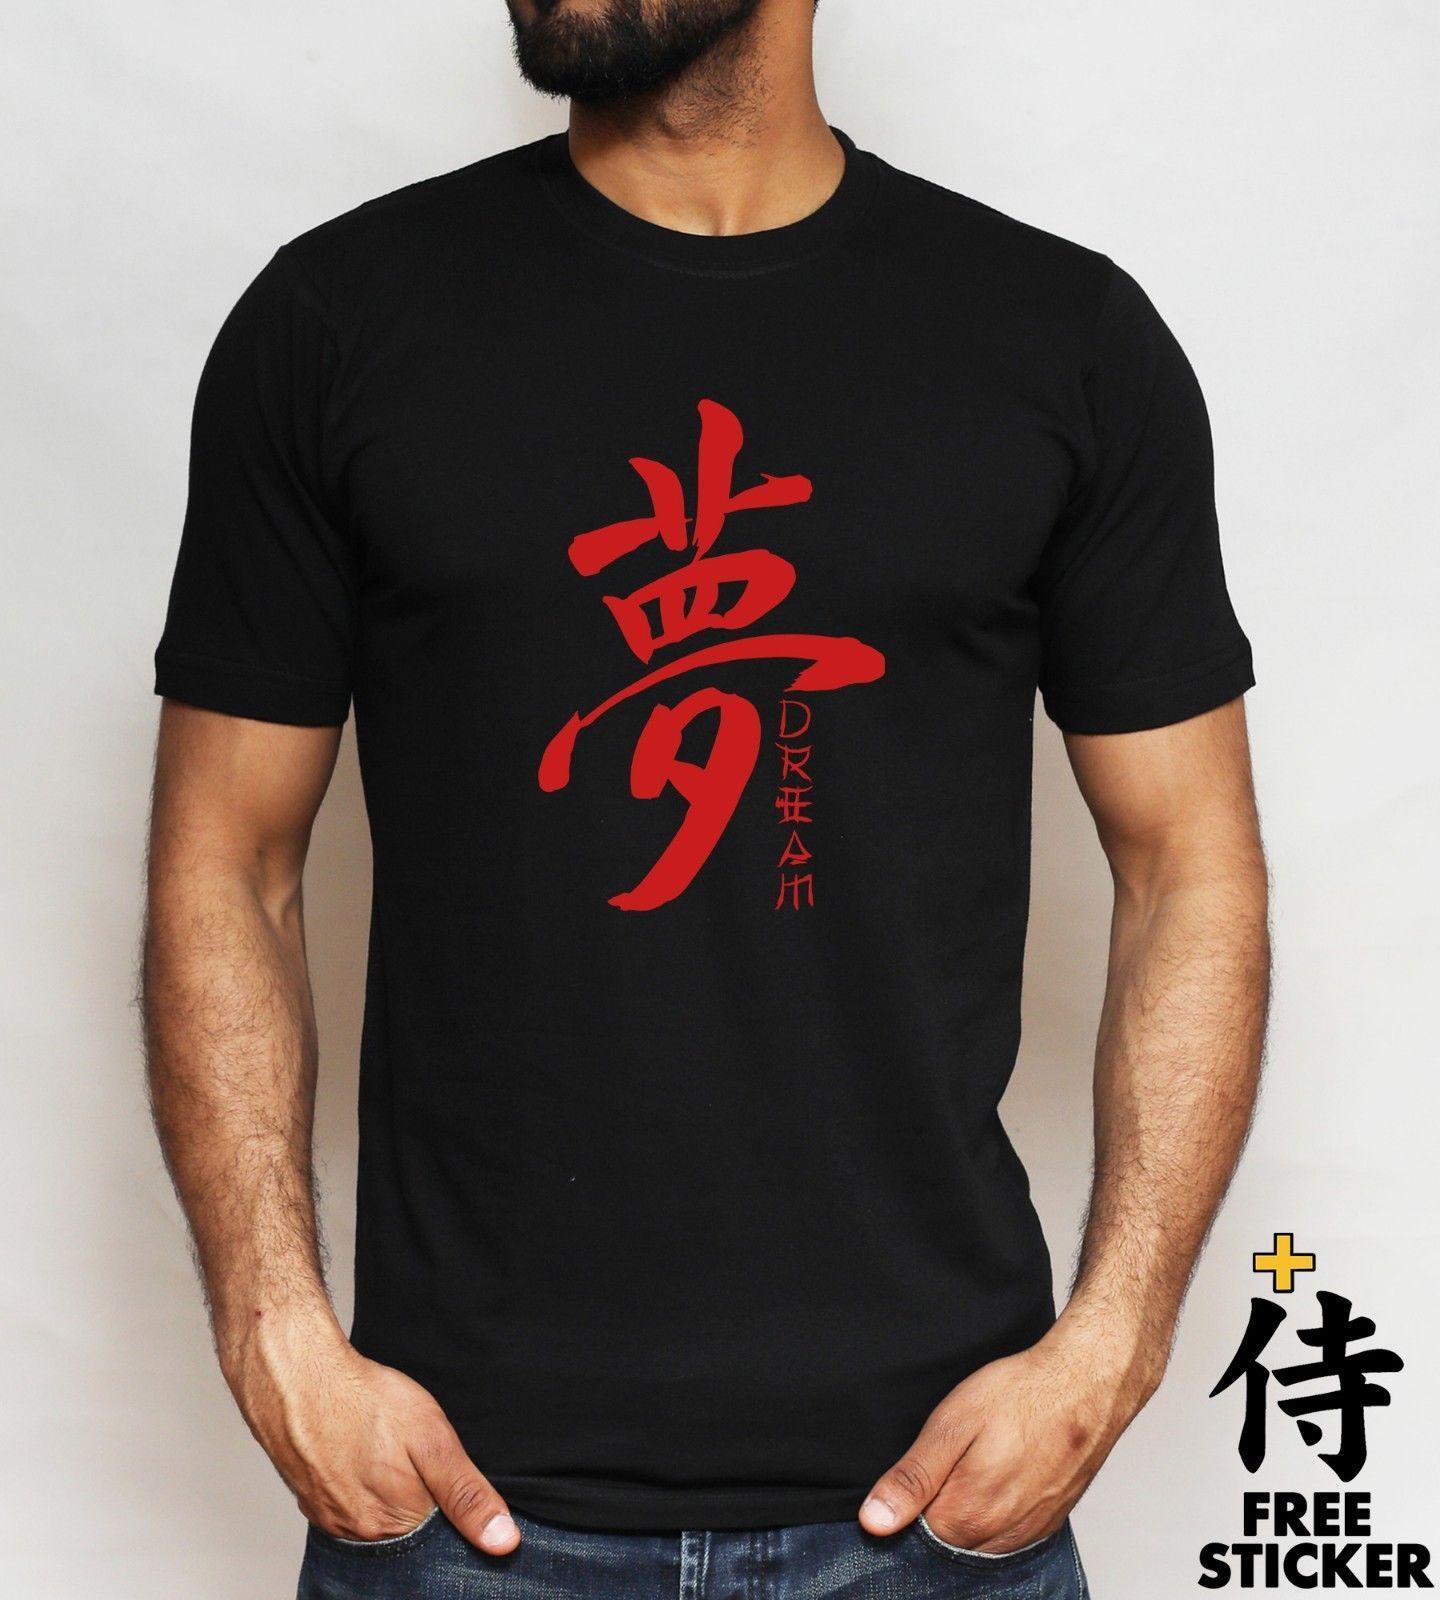 a35d687a T Shirt Creator Online Free - DREAMWORKS